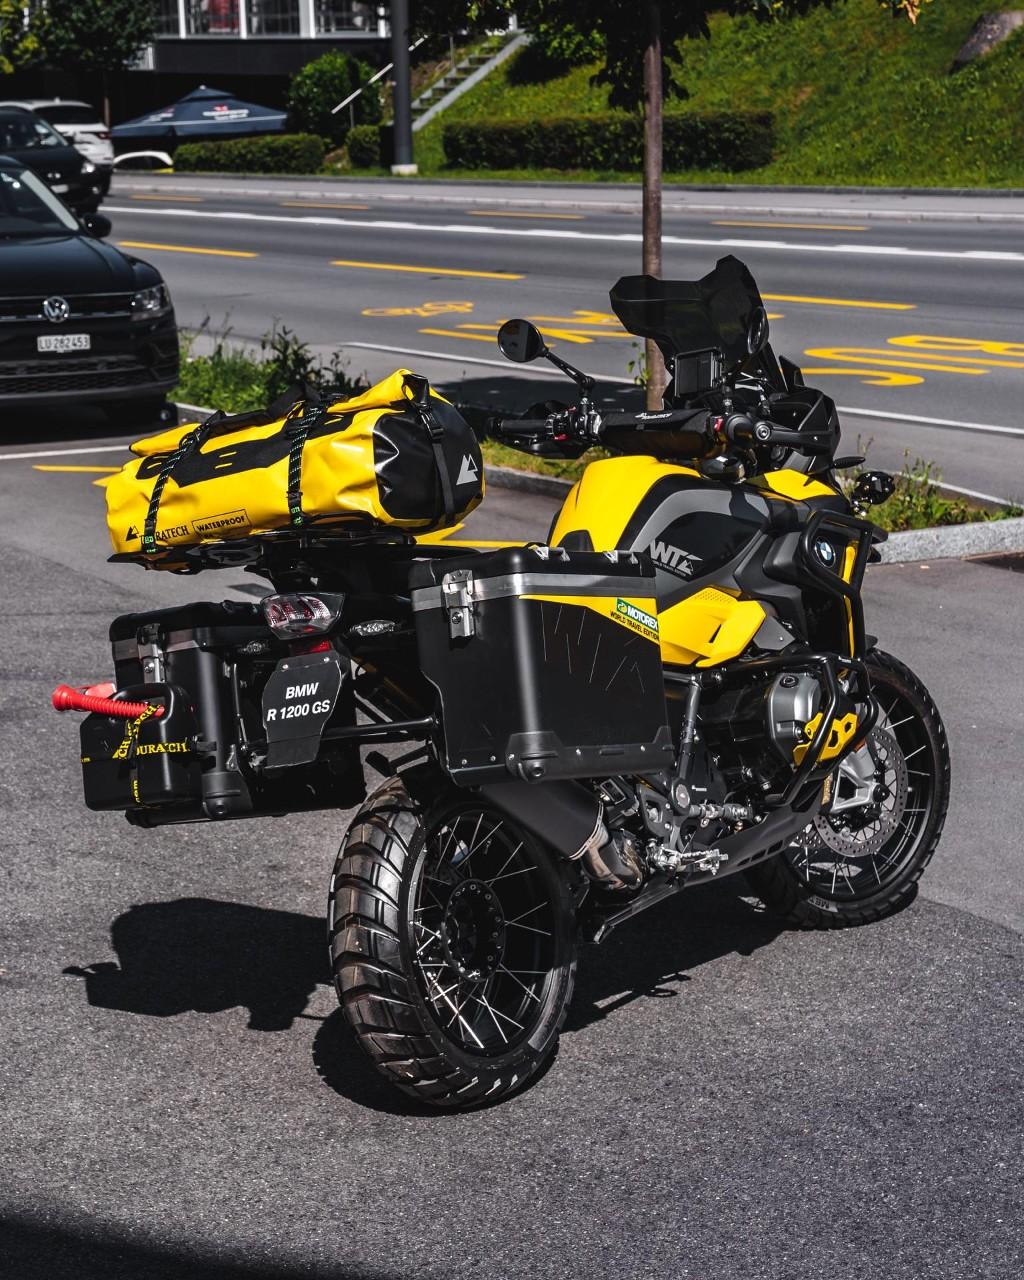 Motorrad Neufahrzeug kaufen BMW R 1200 GS ABS Touratech